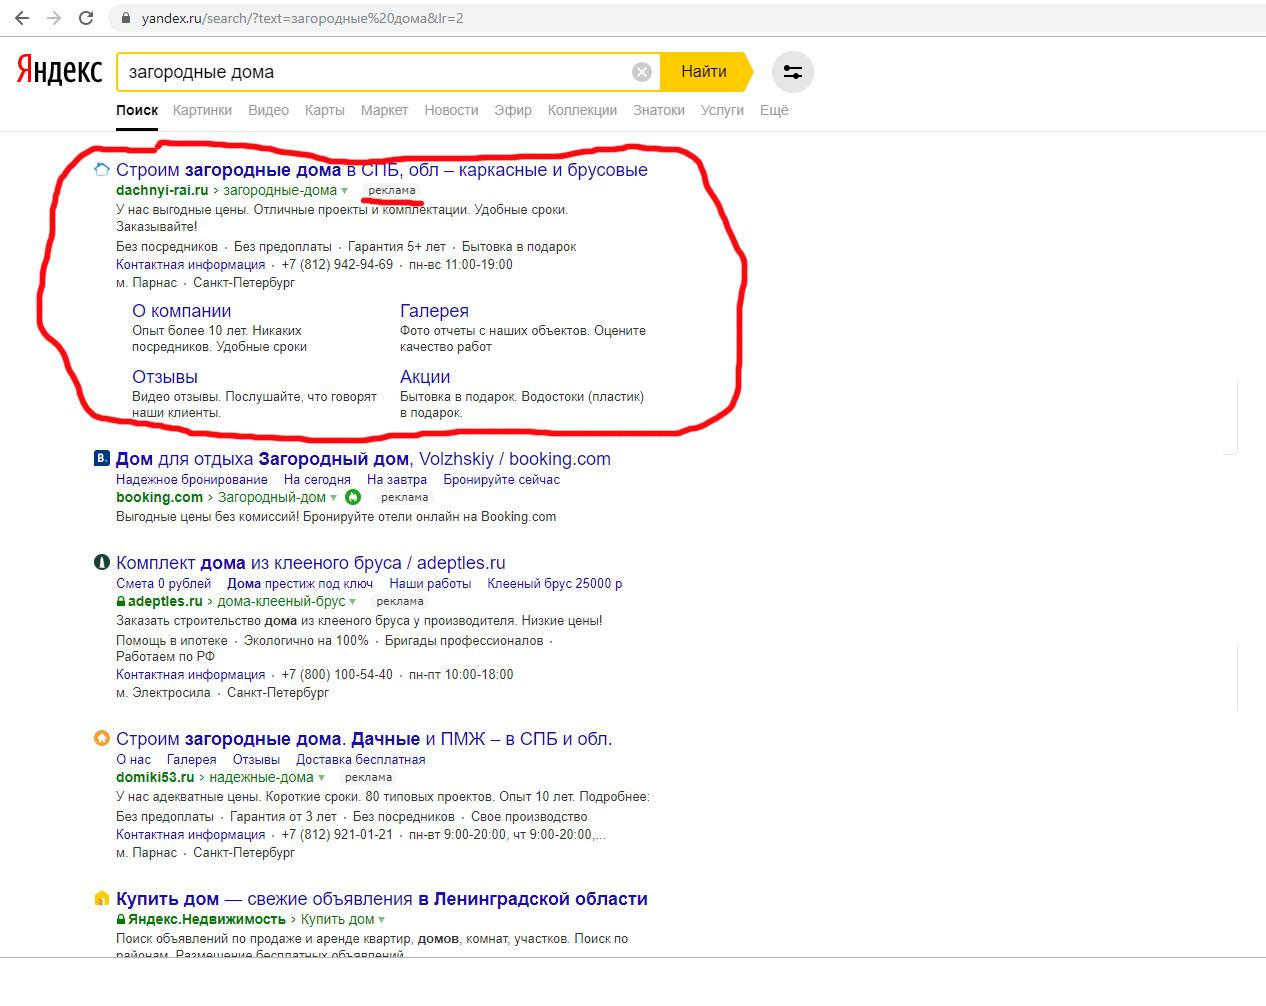 Пример отображения контекстной рекламы в поисковой системе Яндекс.